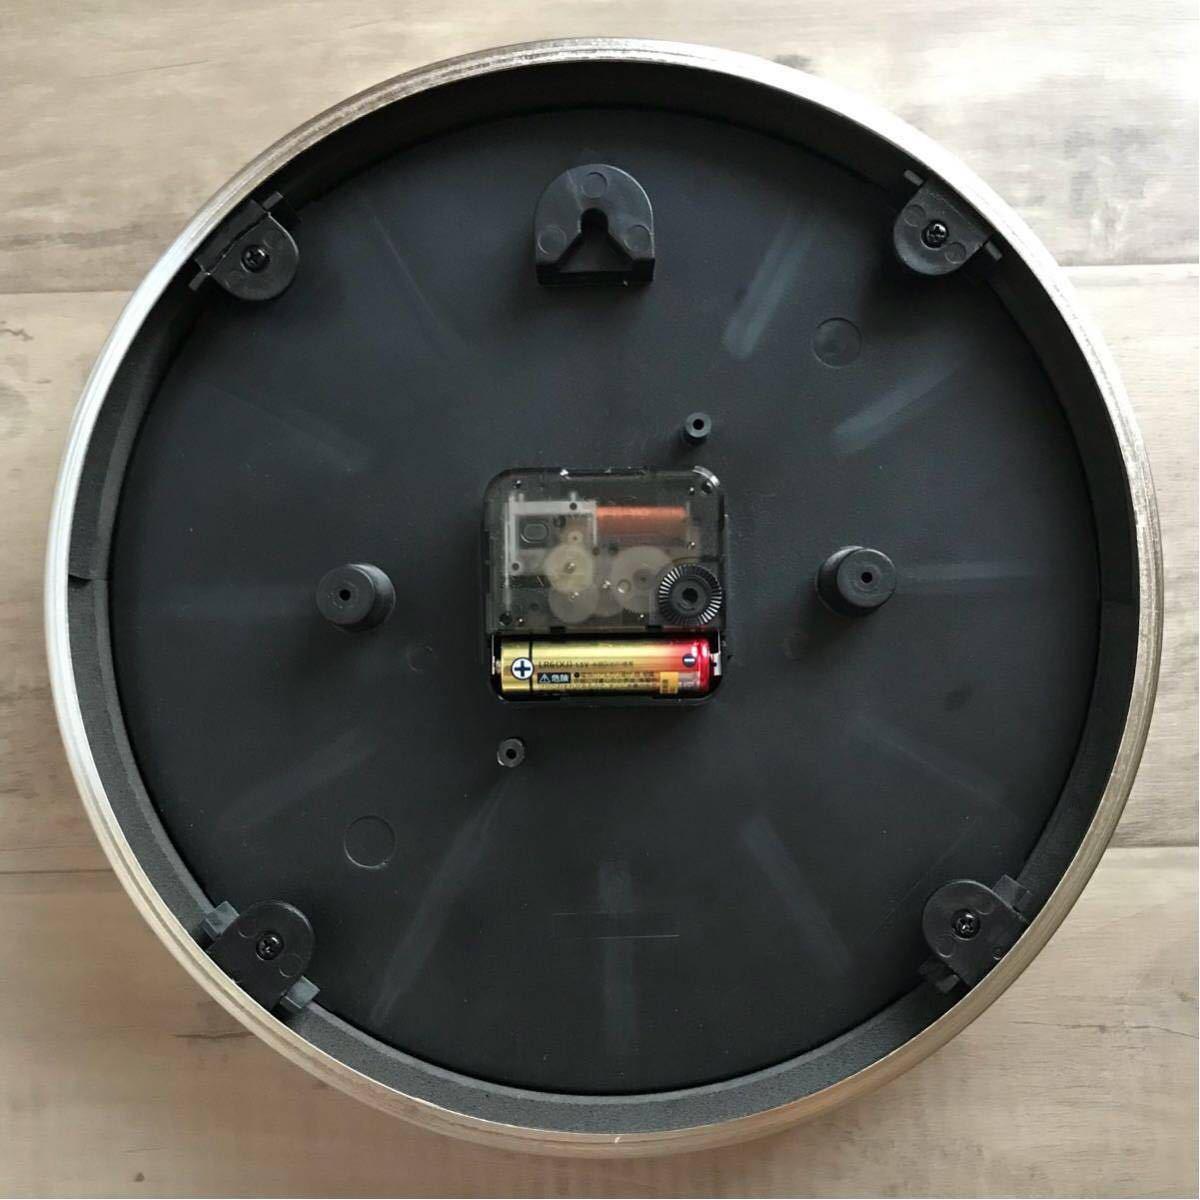 ★激レア★ シャーク ウォール クロック 掛け時計 a bathing ape bape bapex shark wall clock エイプ ベイプ アベイシングエイプ 時計 赤